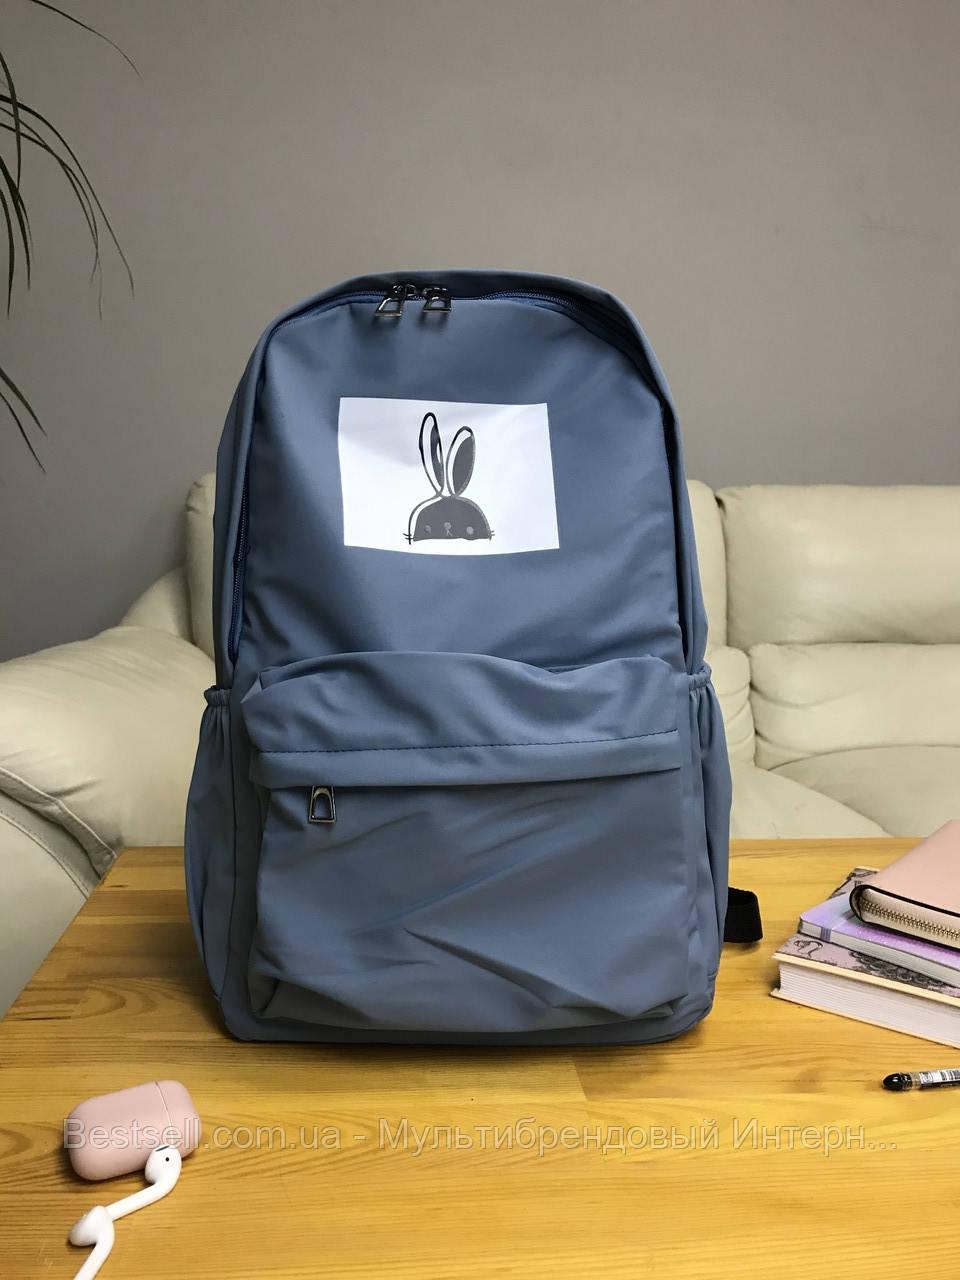 Рюкзак портфель жіночий синій (є інші кольори)